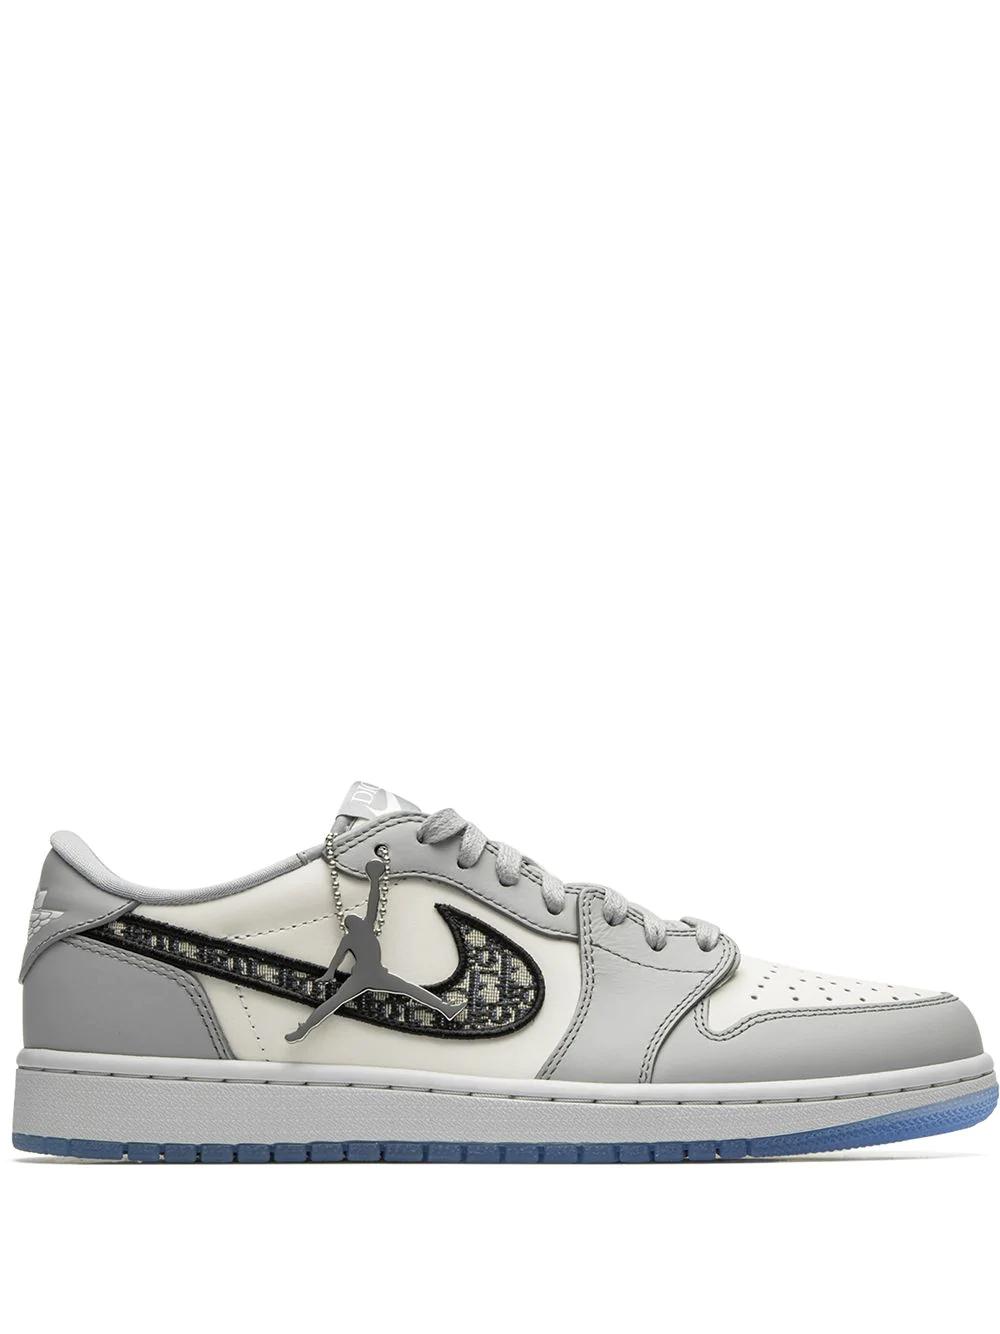 Jordan X Dior Air Jordan 1 Low Sneakers Farfetch In 2021 Jordan 1 Low Air Jordans Jordans